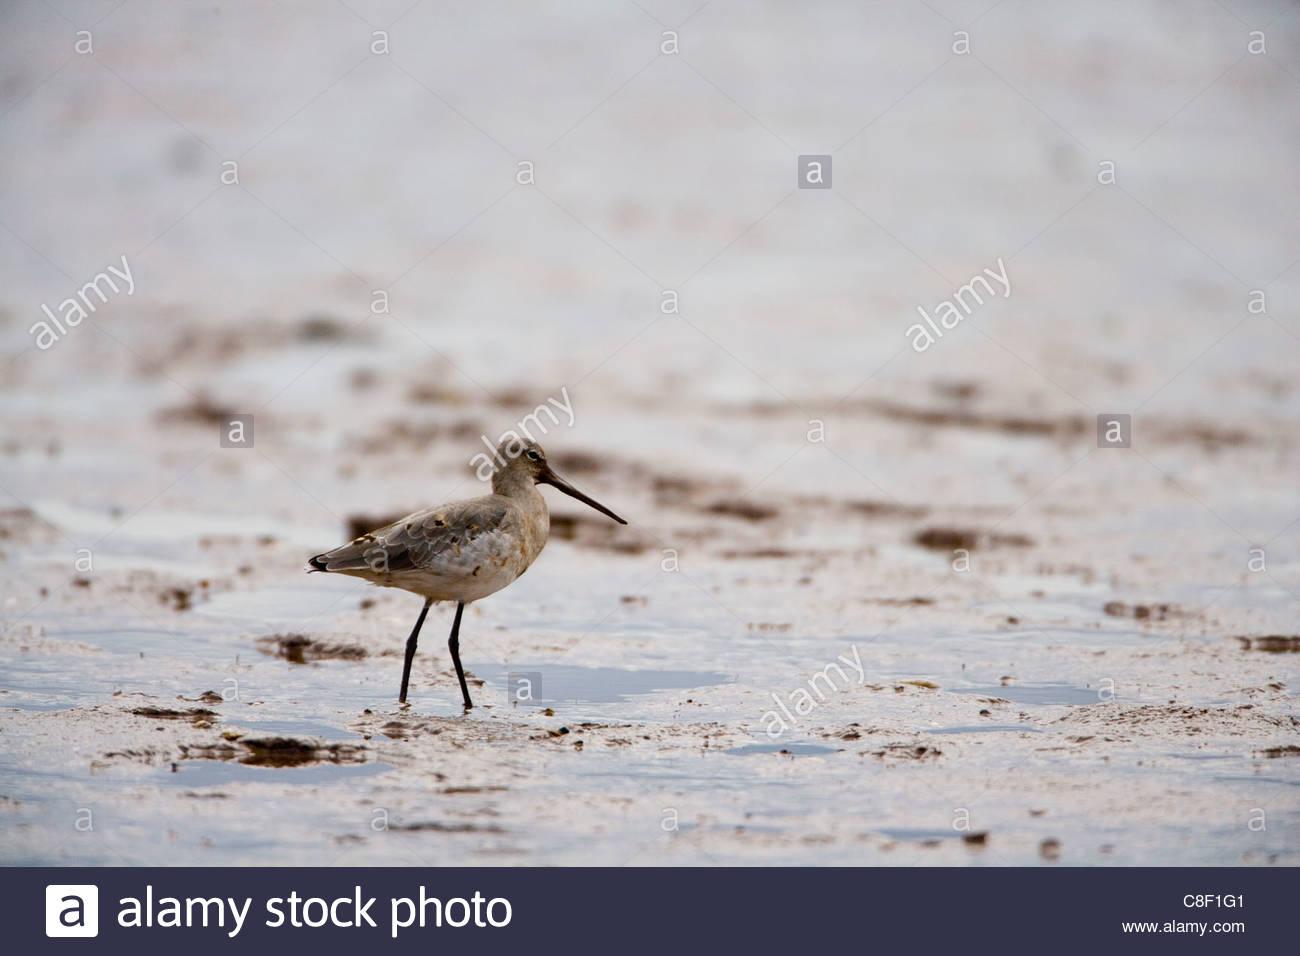 Black Tailed Godwit - Stock Image